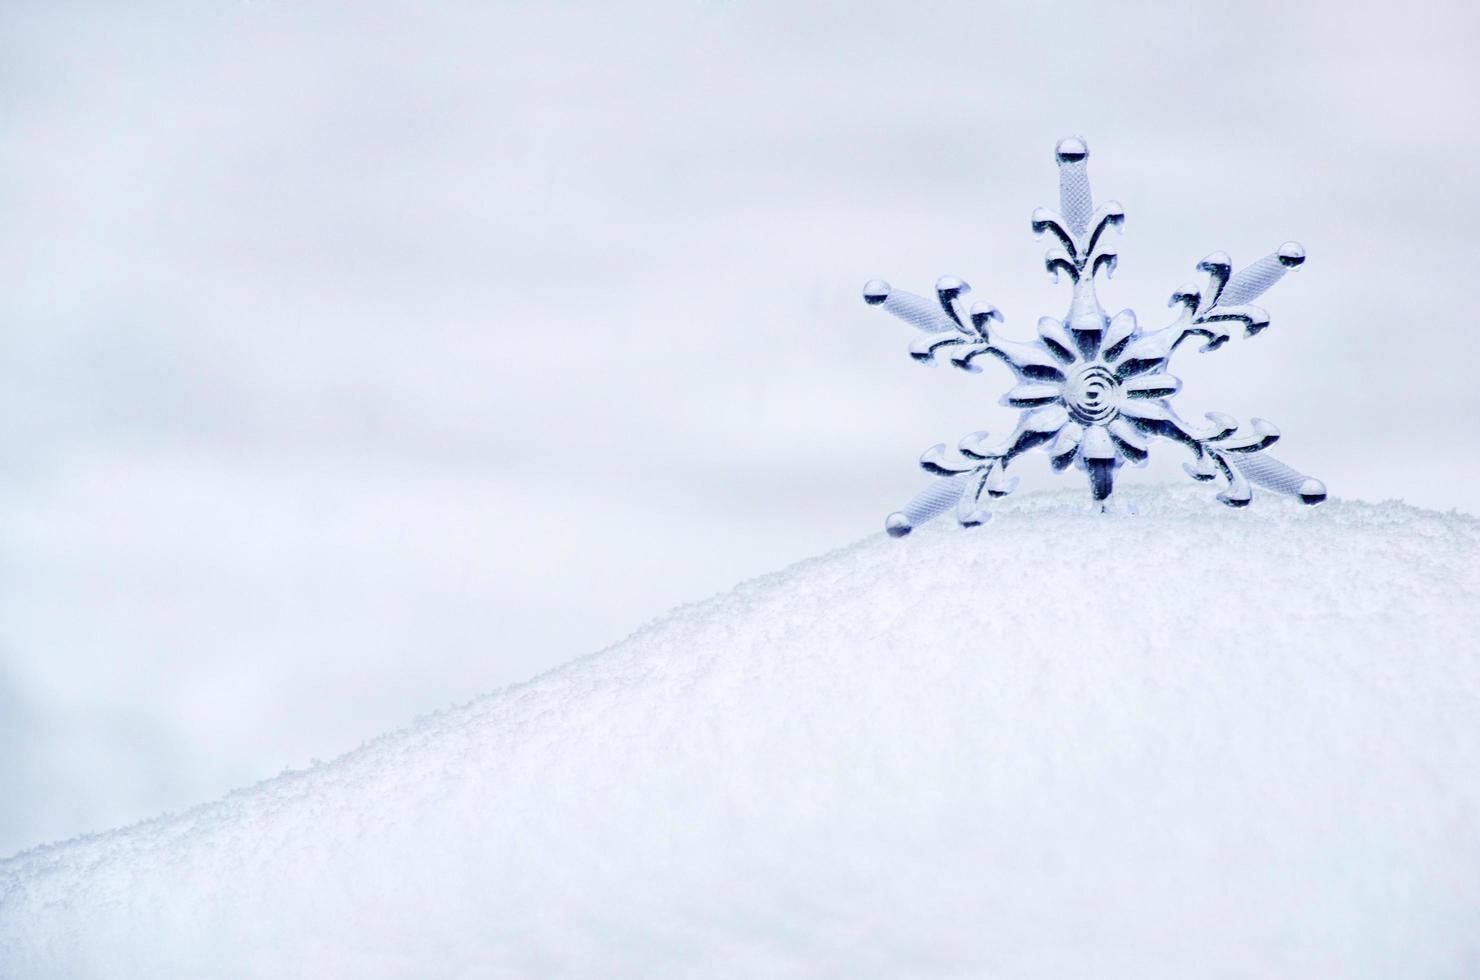 snöflinga snö bakgrund foto